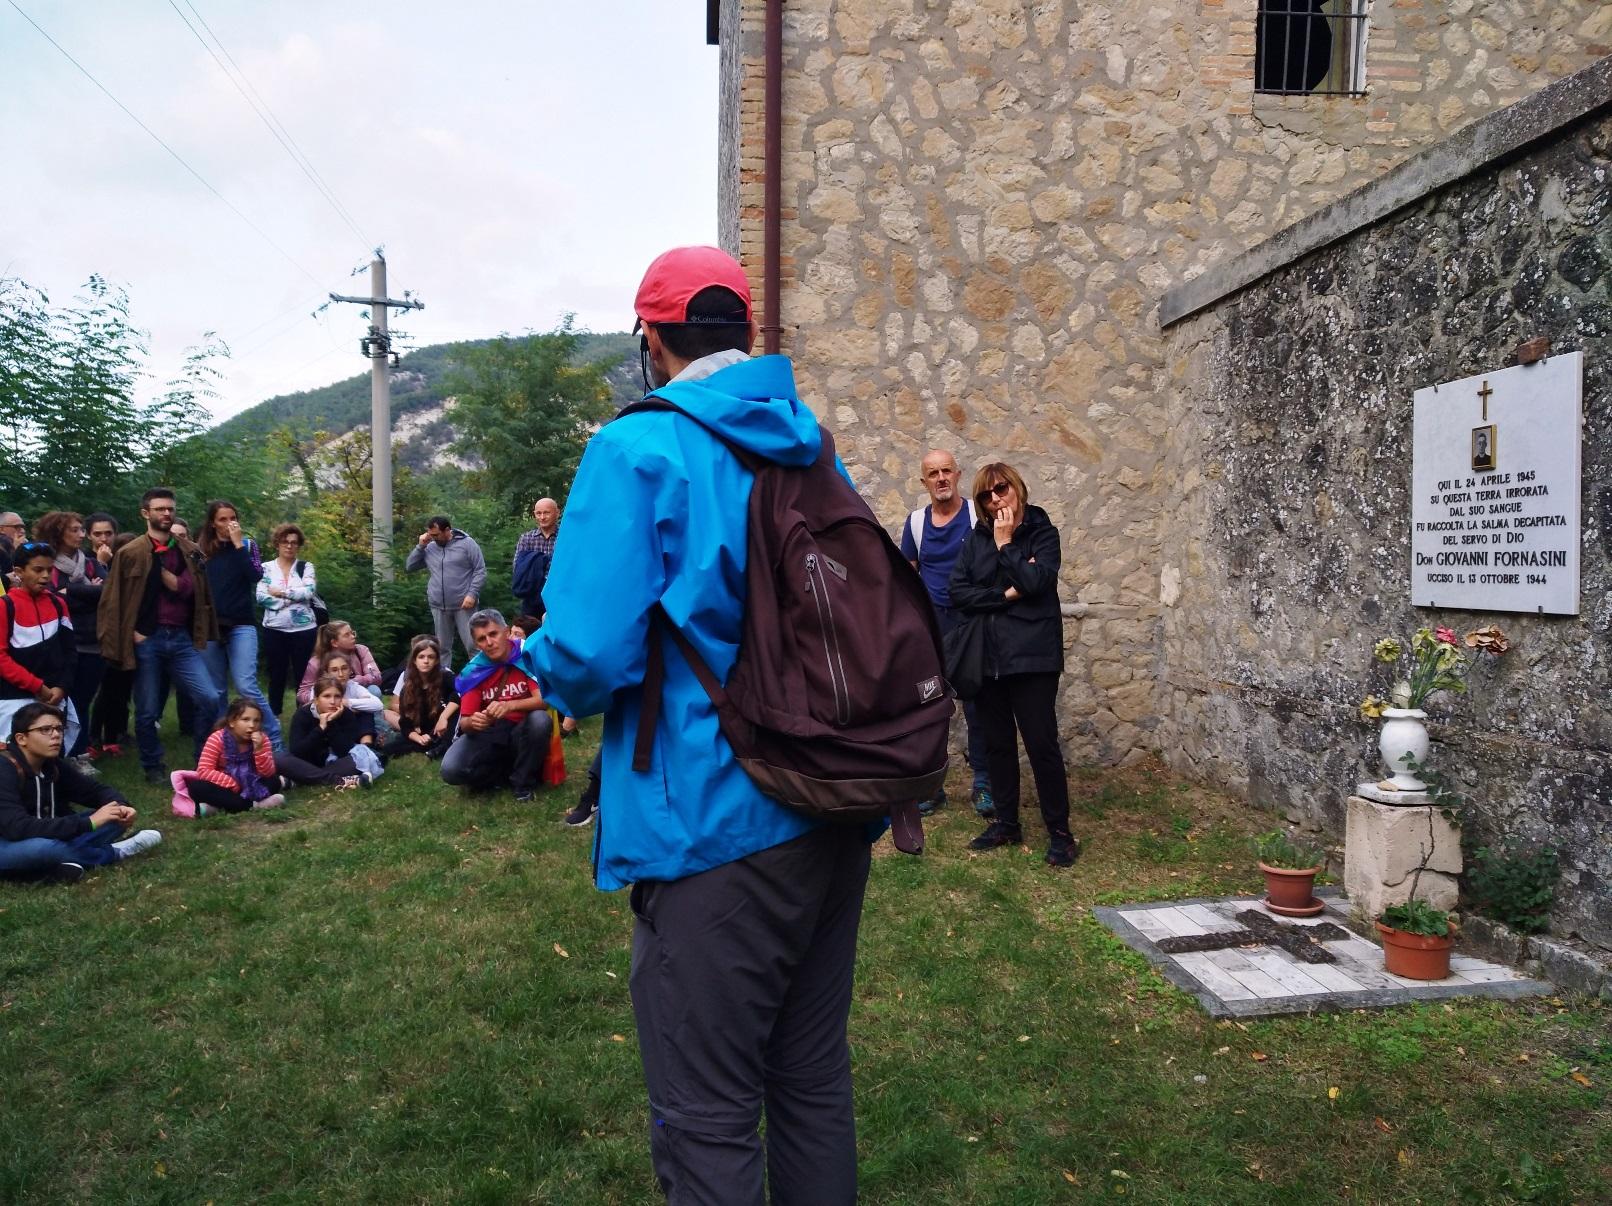 La tappa narrativa sul retro del cimitero di San Martino, nei pressi del monumento a don Giovanni Fornasini - strage di Marzabotto